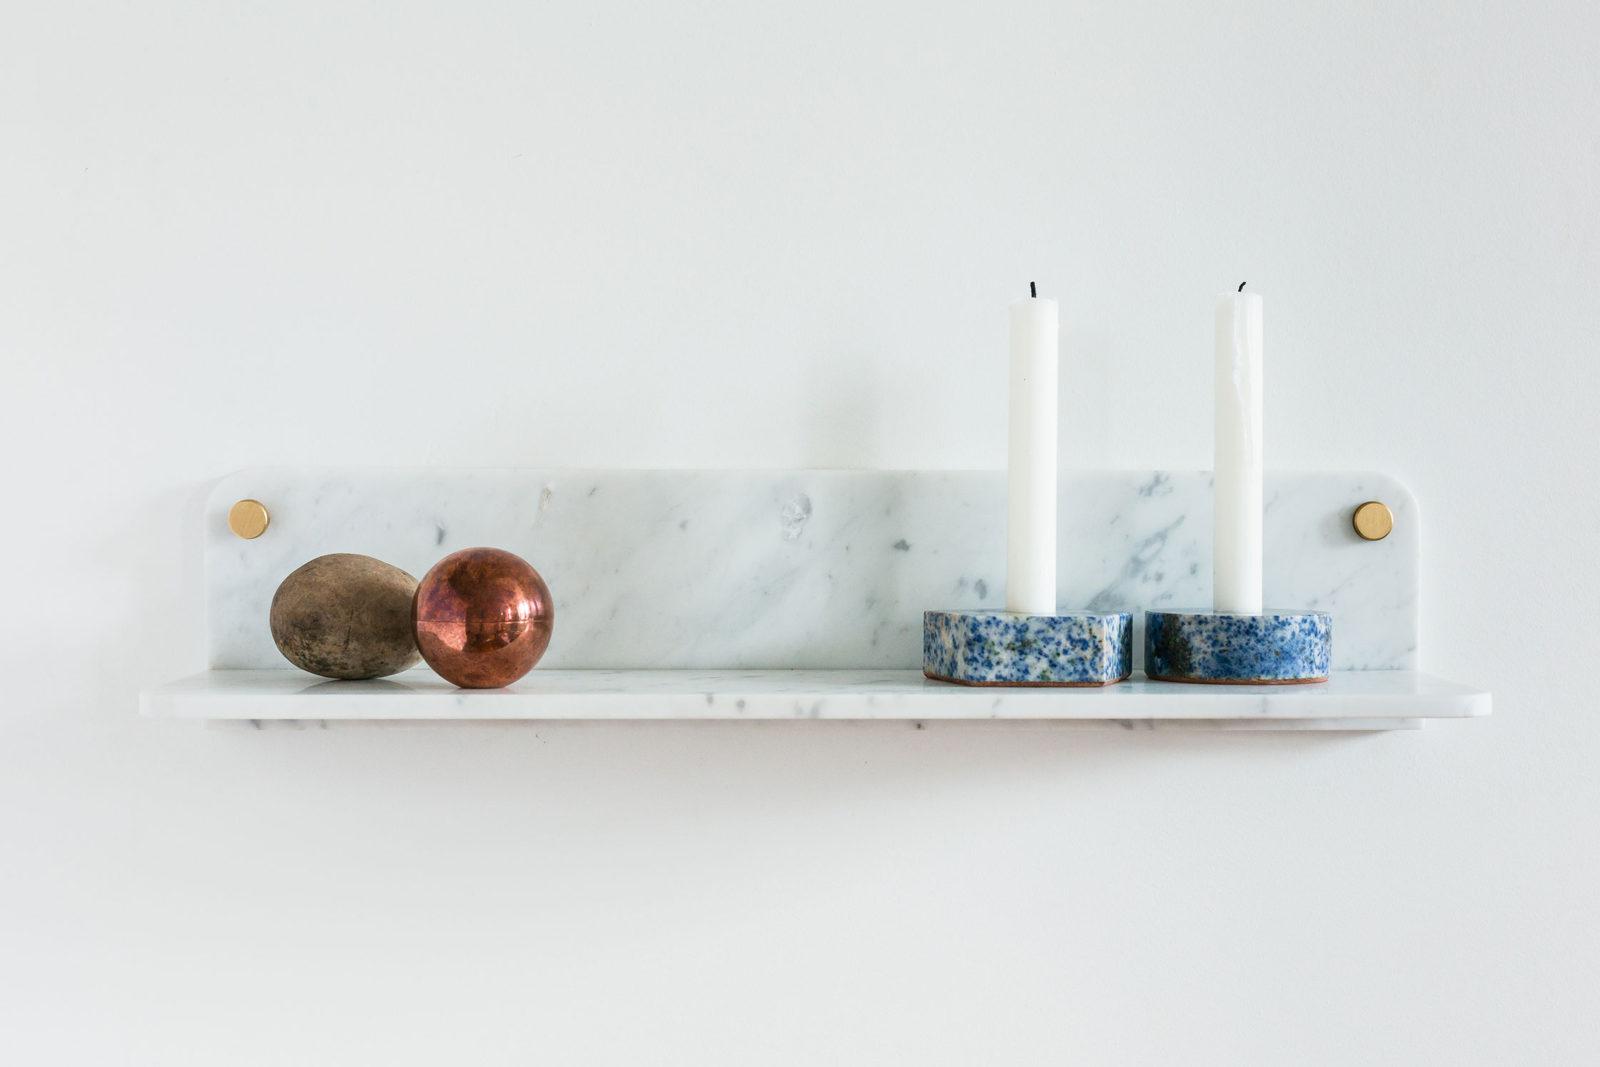 Stone Shelf - Photo: Brian Ferry